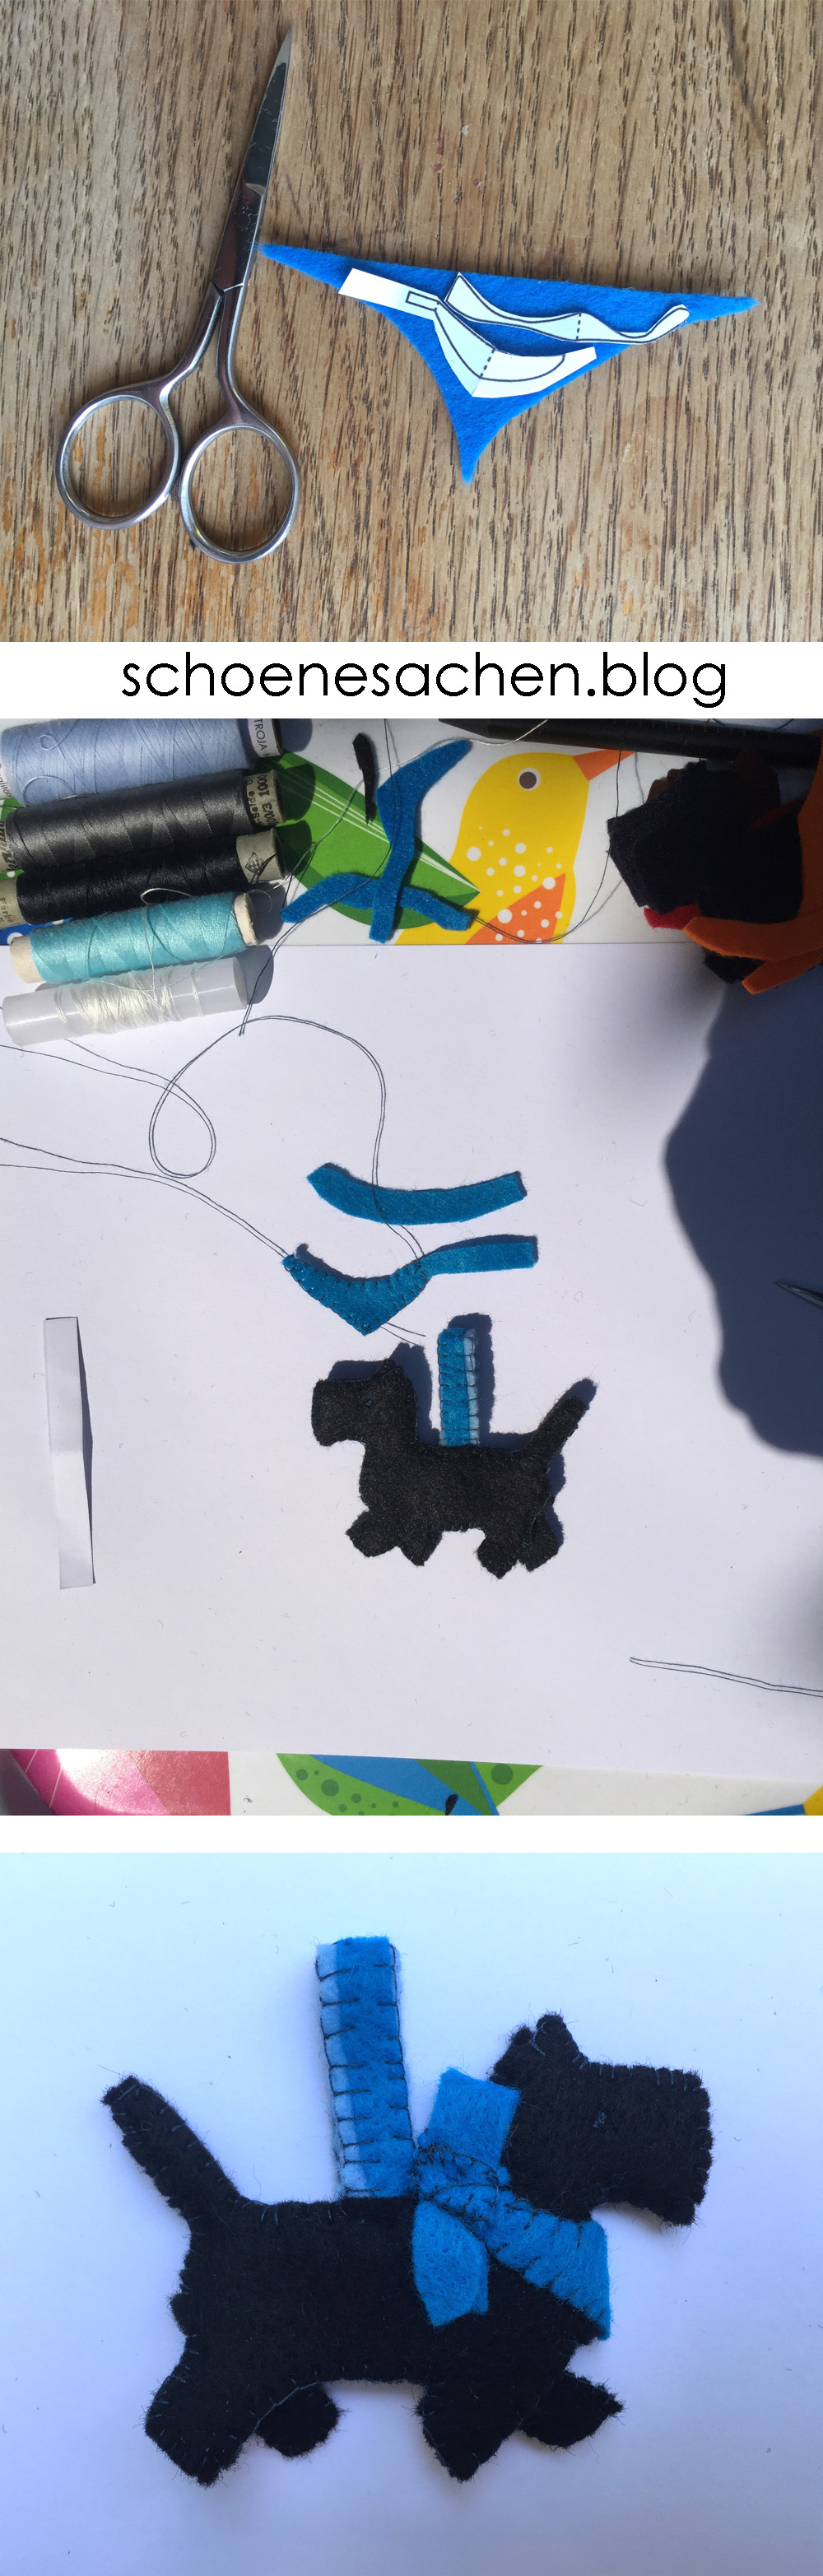 besonderes Filz Ornament nähen, Hund mit Halstuch als Schlüsselanhänger nähen,